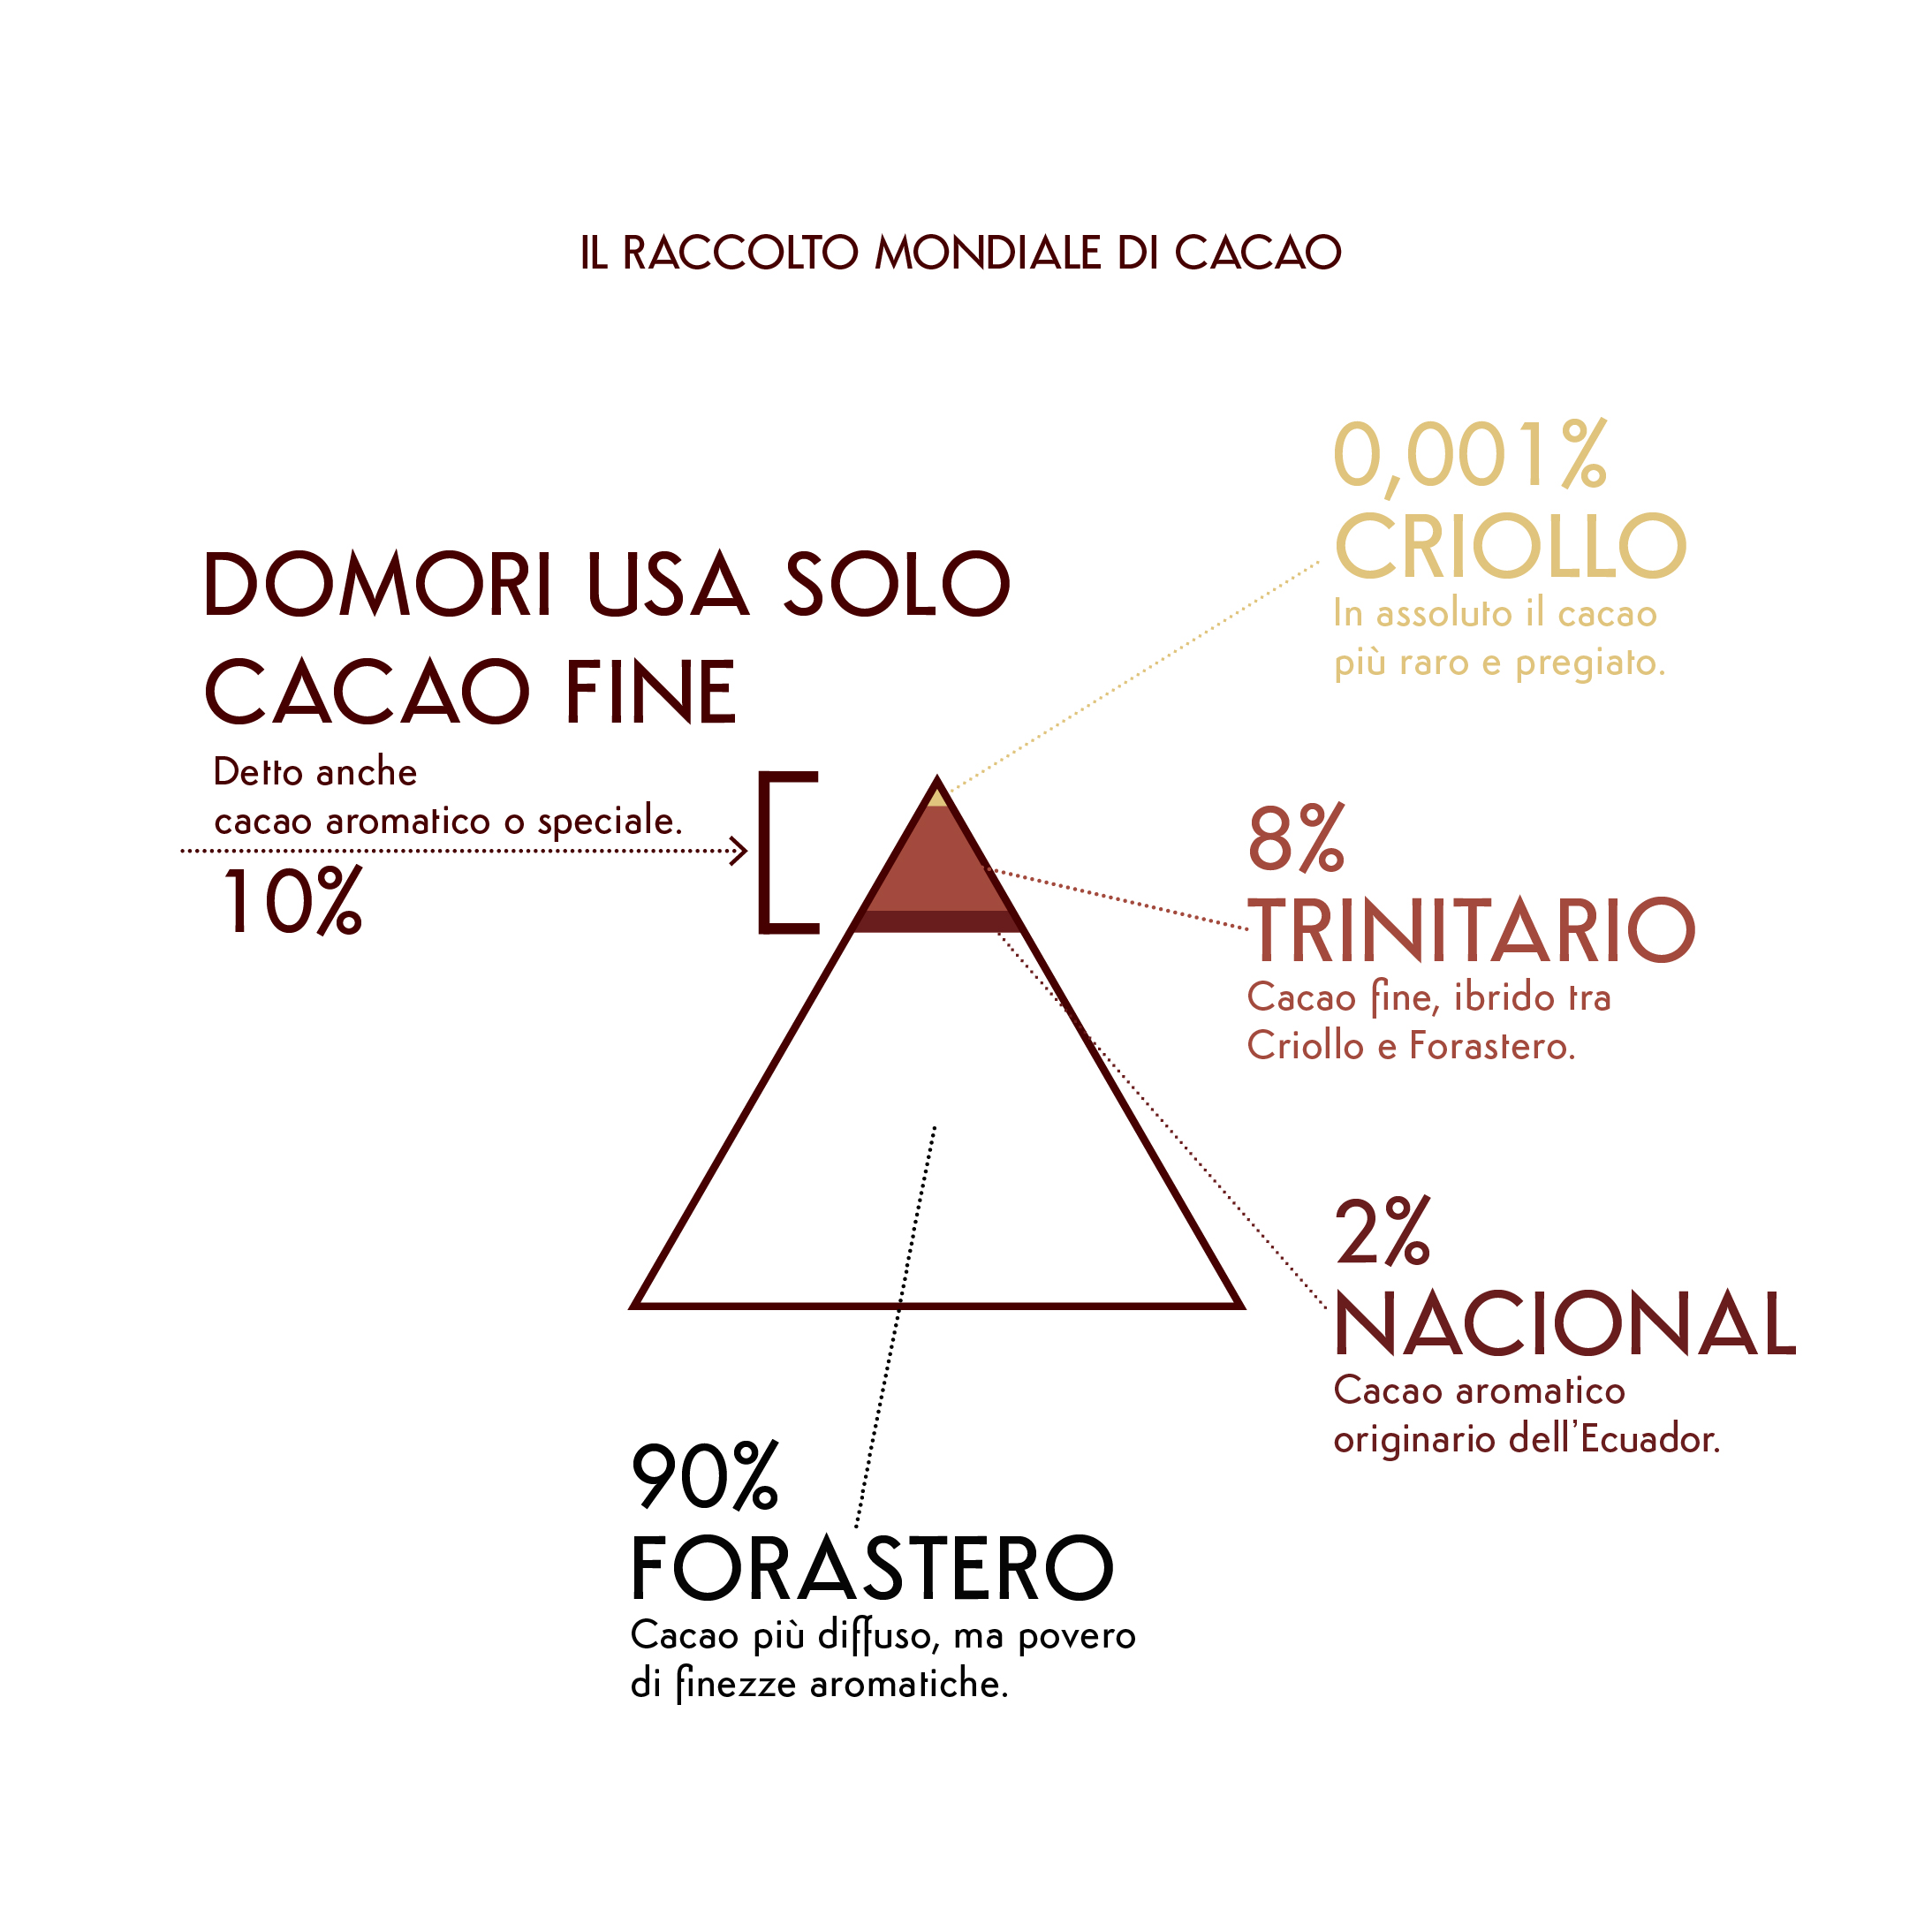 piramide_modificata-01.jpg